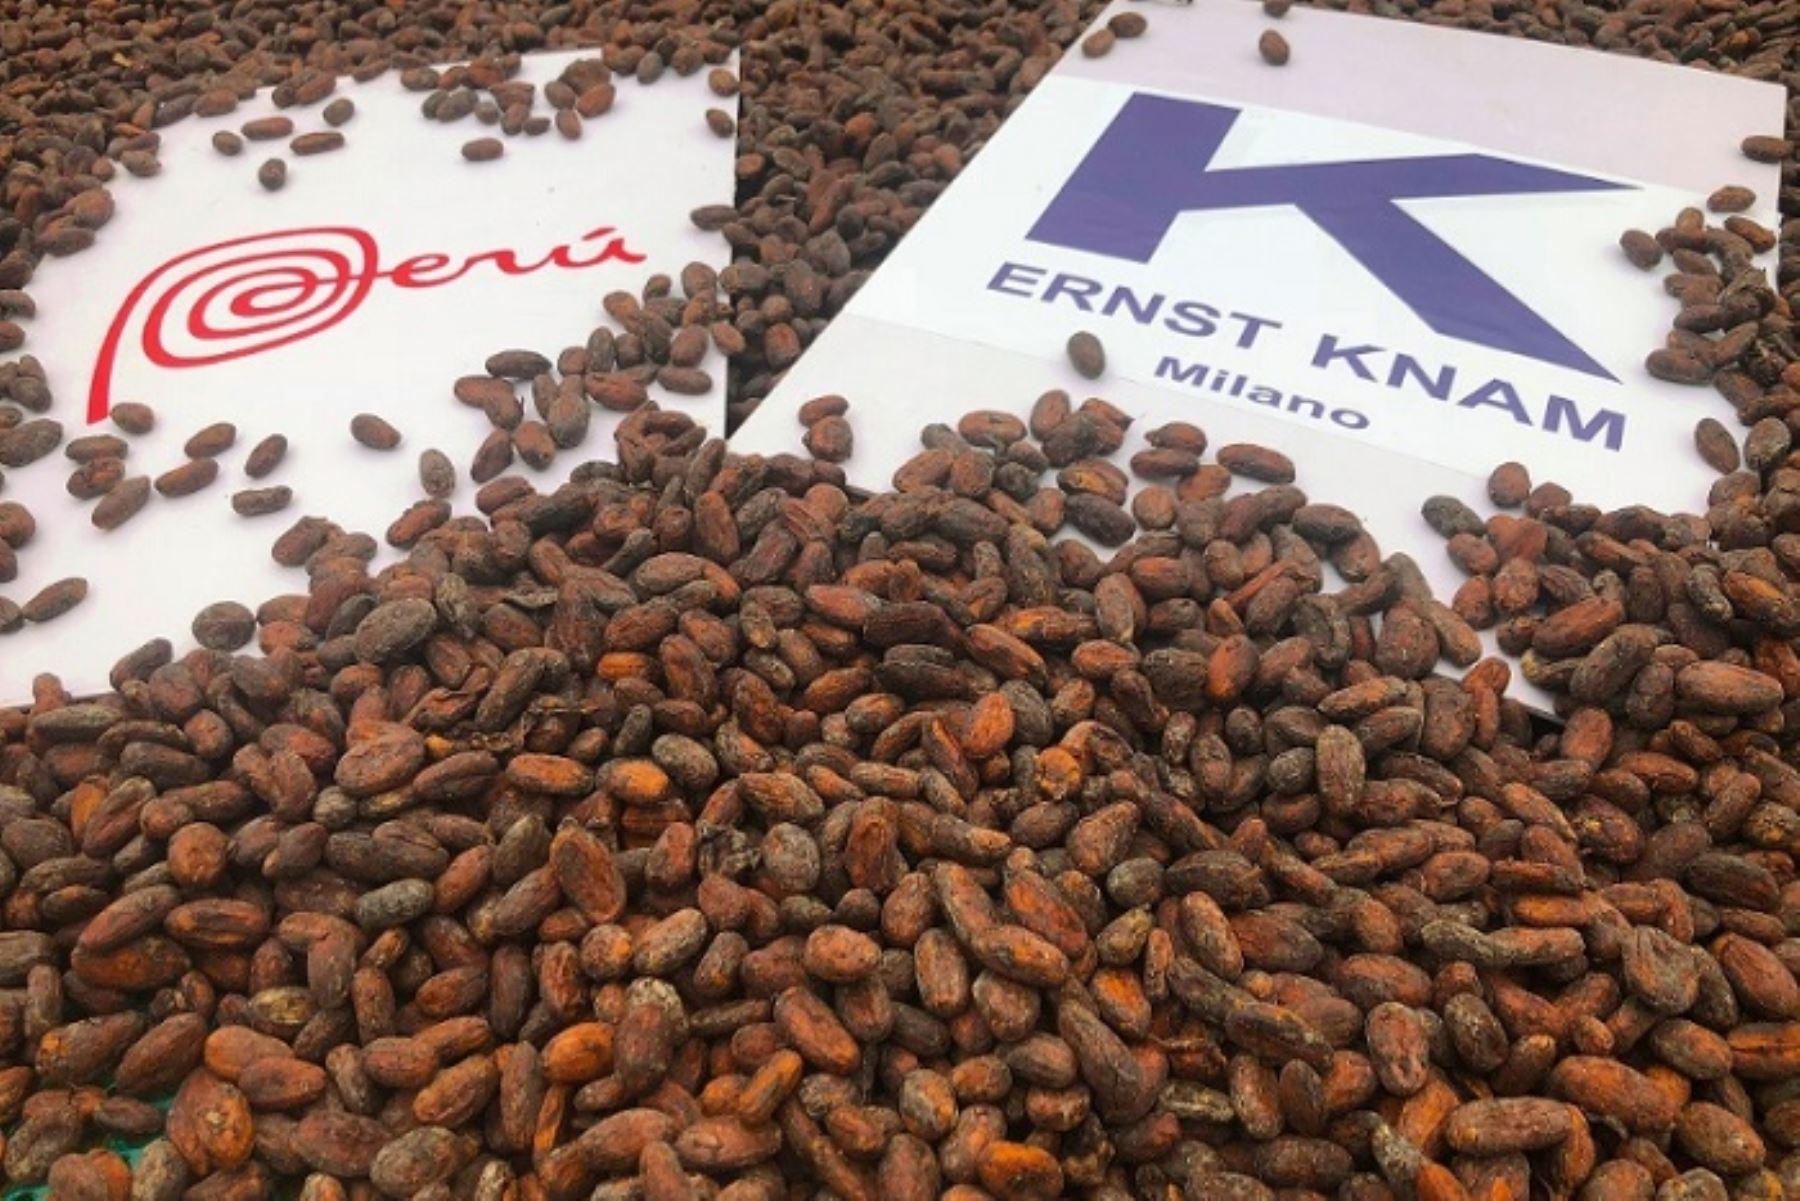 Productores cusqueños de cacao Chuncho exportaron por primera vez, y de manera directa, tres toneladas de este producto a Italia, gracias al apoyo de la Oficina Comercial del Perú en Milán (OCEX Milán) y a Promperú, informó el Ministerio de Comercio Exterior y Turismo (Mincetur).